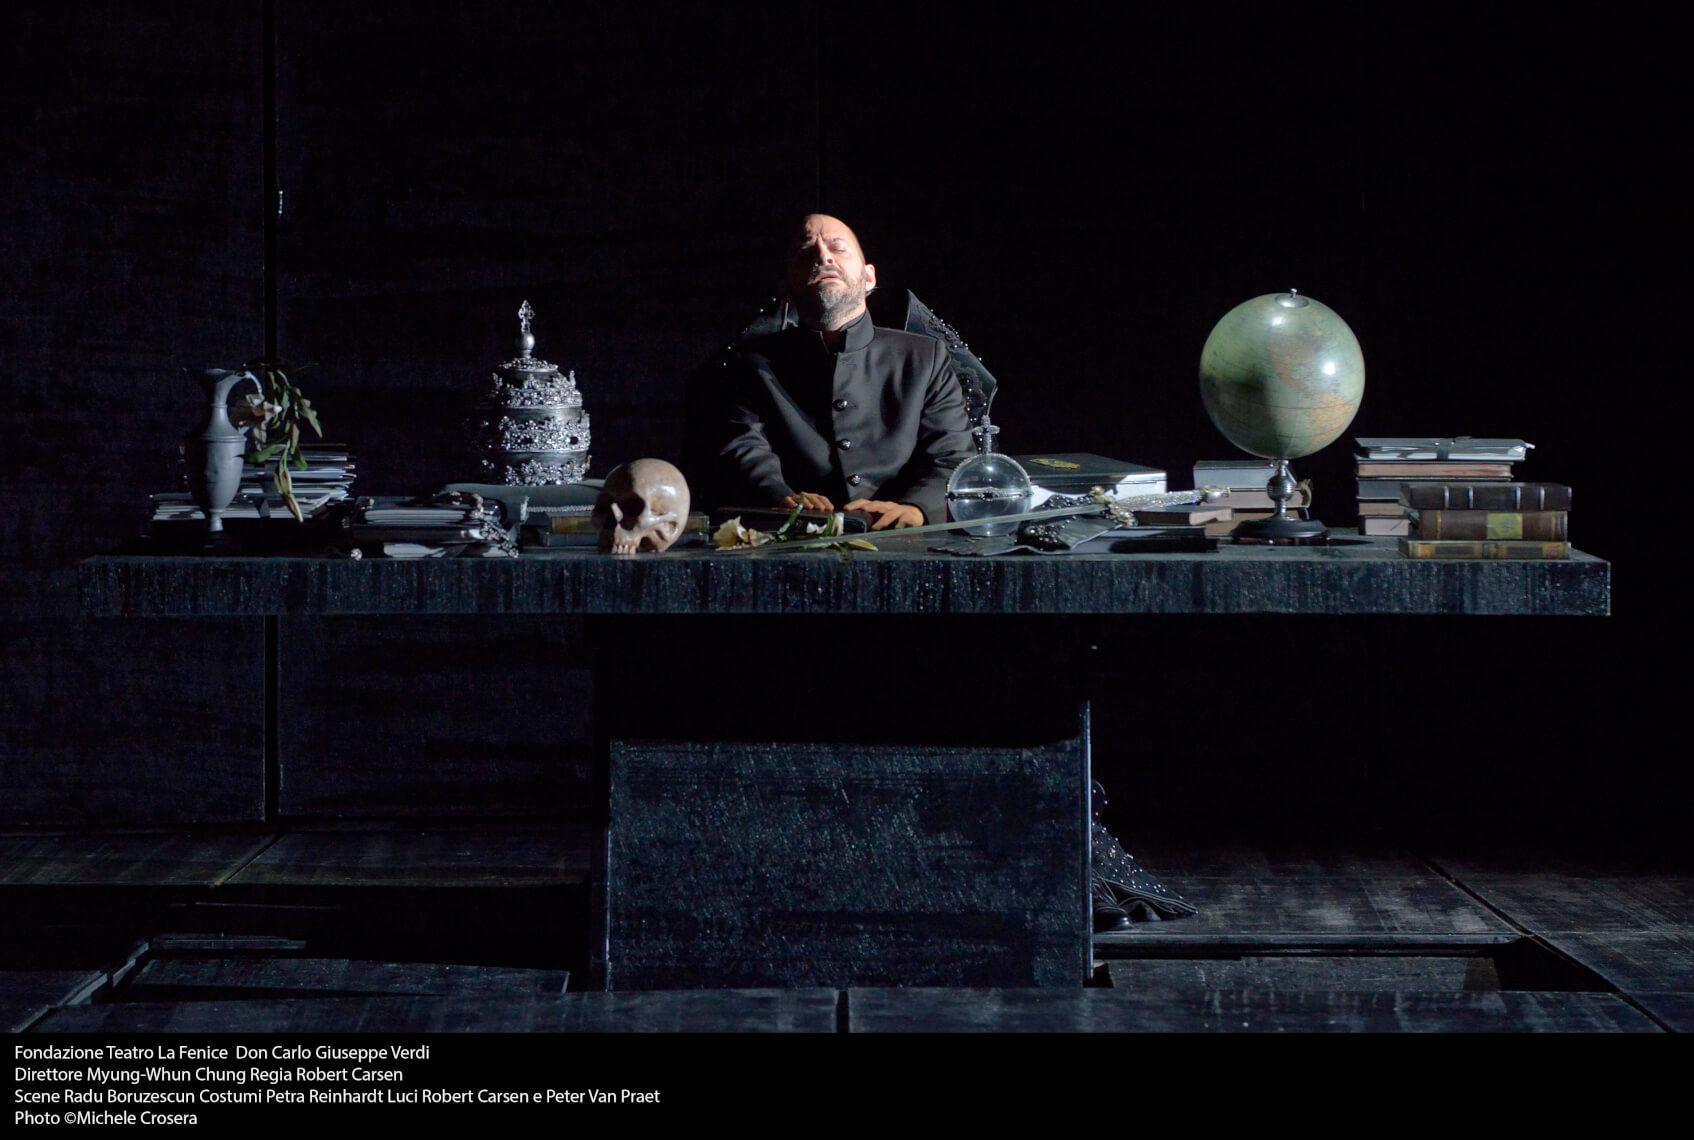 Teatro La Fenice - Don Carlo, a. III.1 sc. 1 - foto @ Michele Crosera